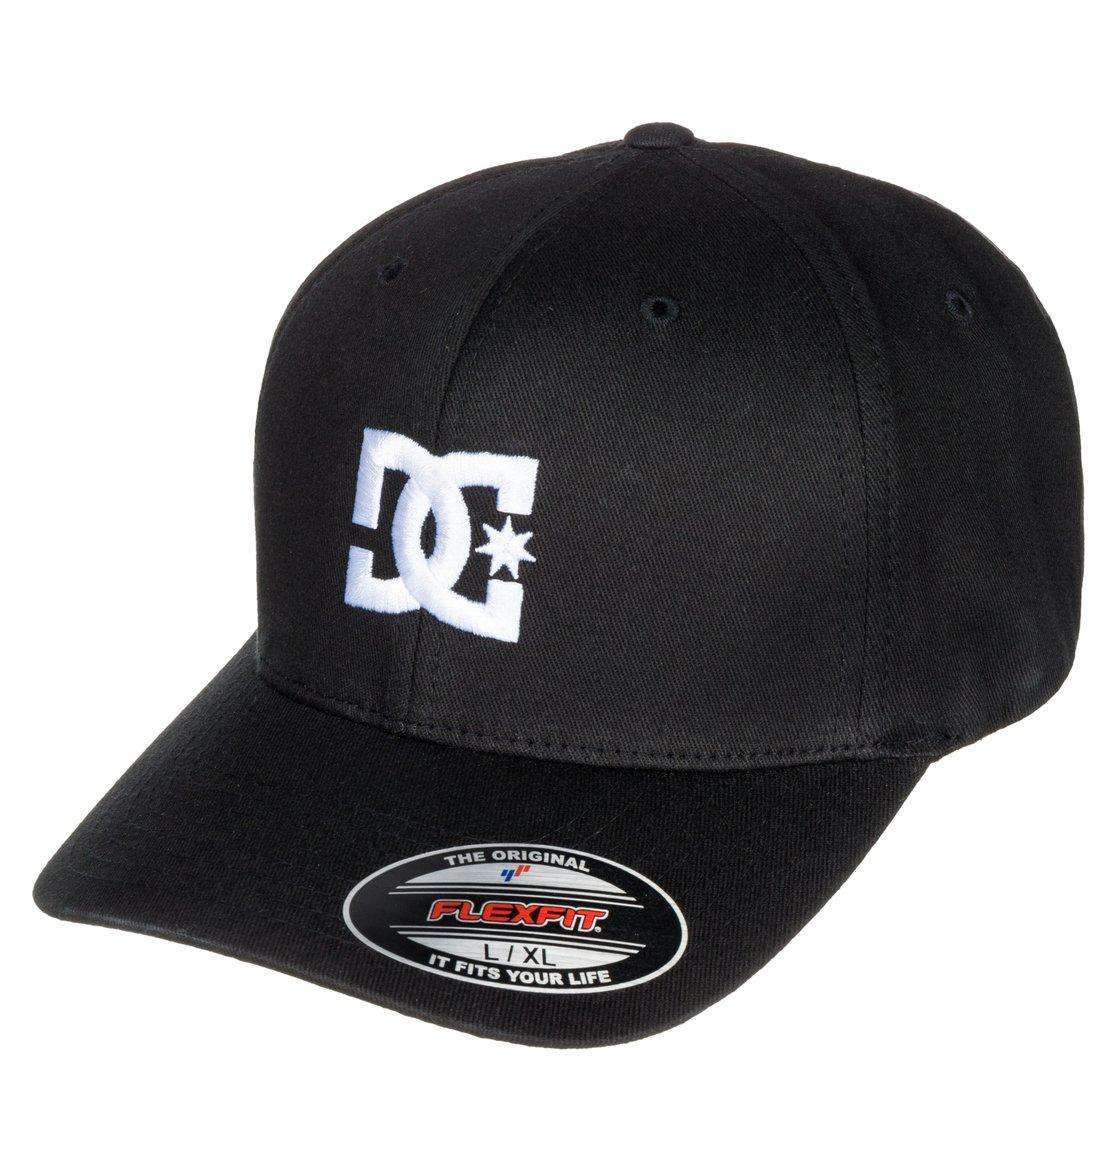 0 Cap Star 2 - Gorra Flexfit para Hombre Negro 55300096 DC Shoes 988a911a069